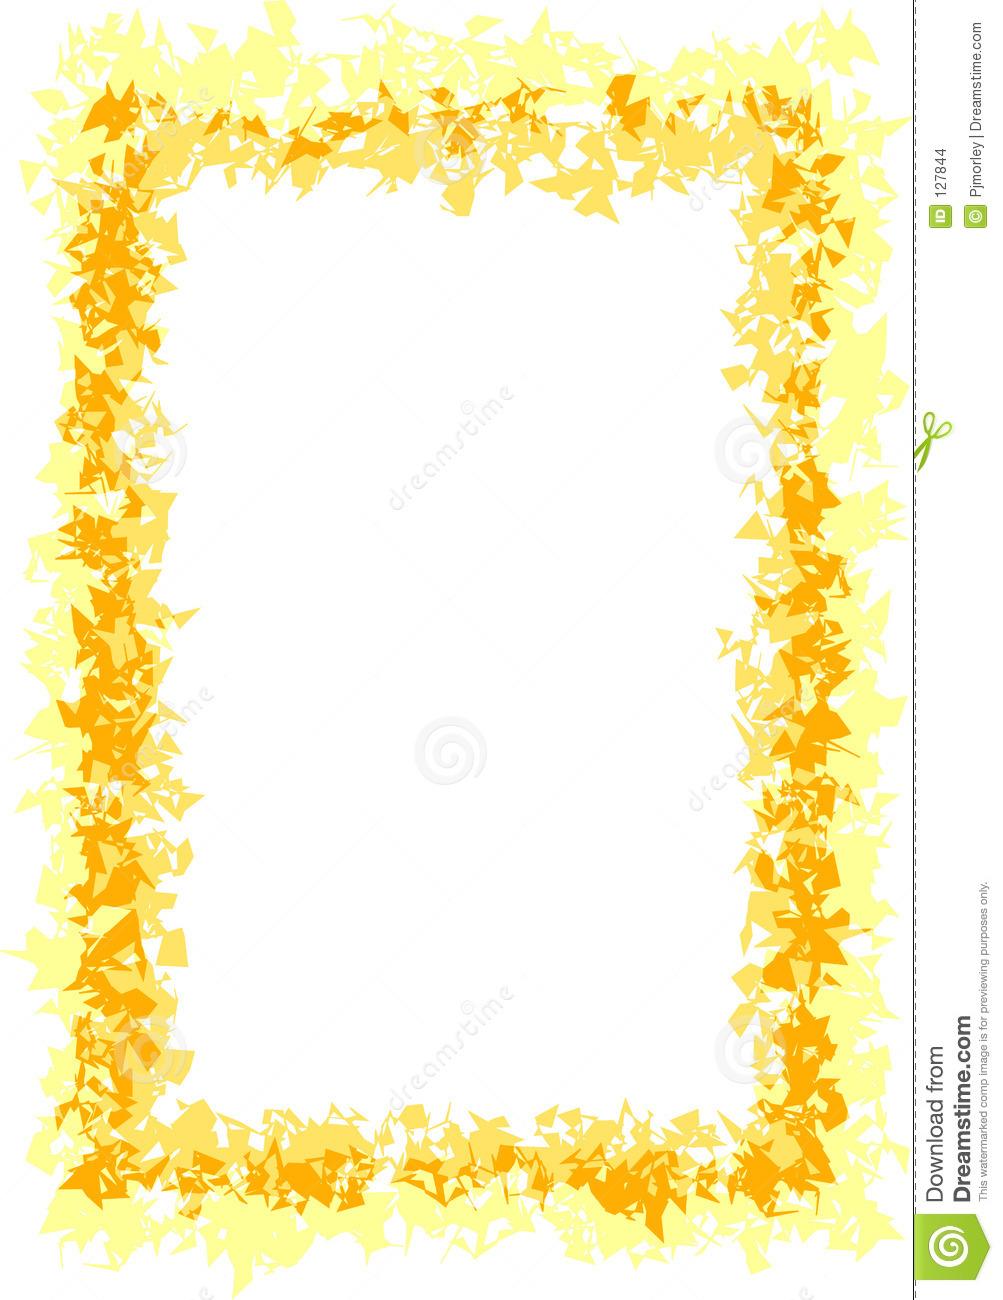 1003x1300 Golden yellow clipart